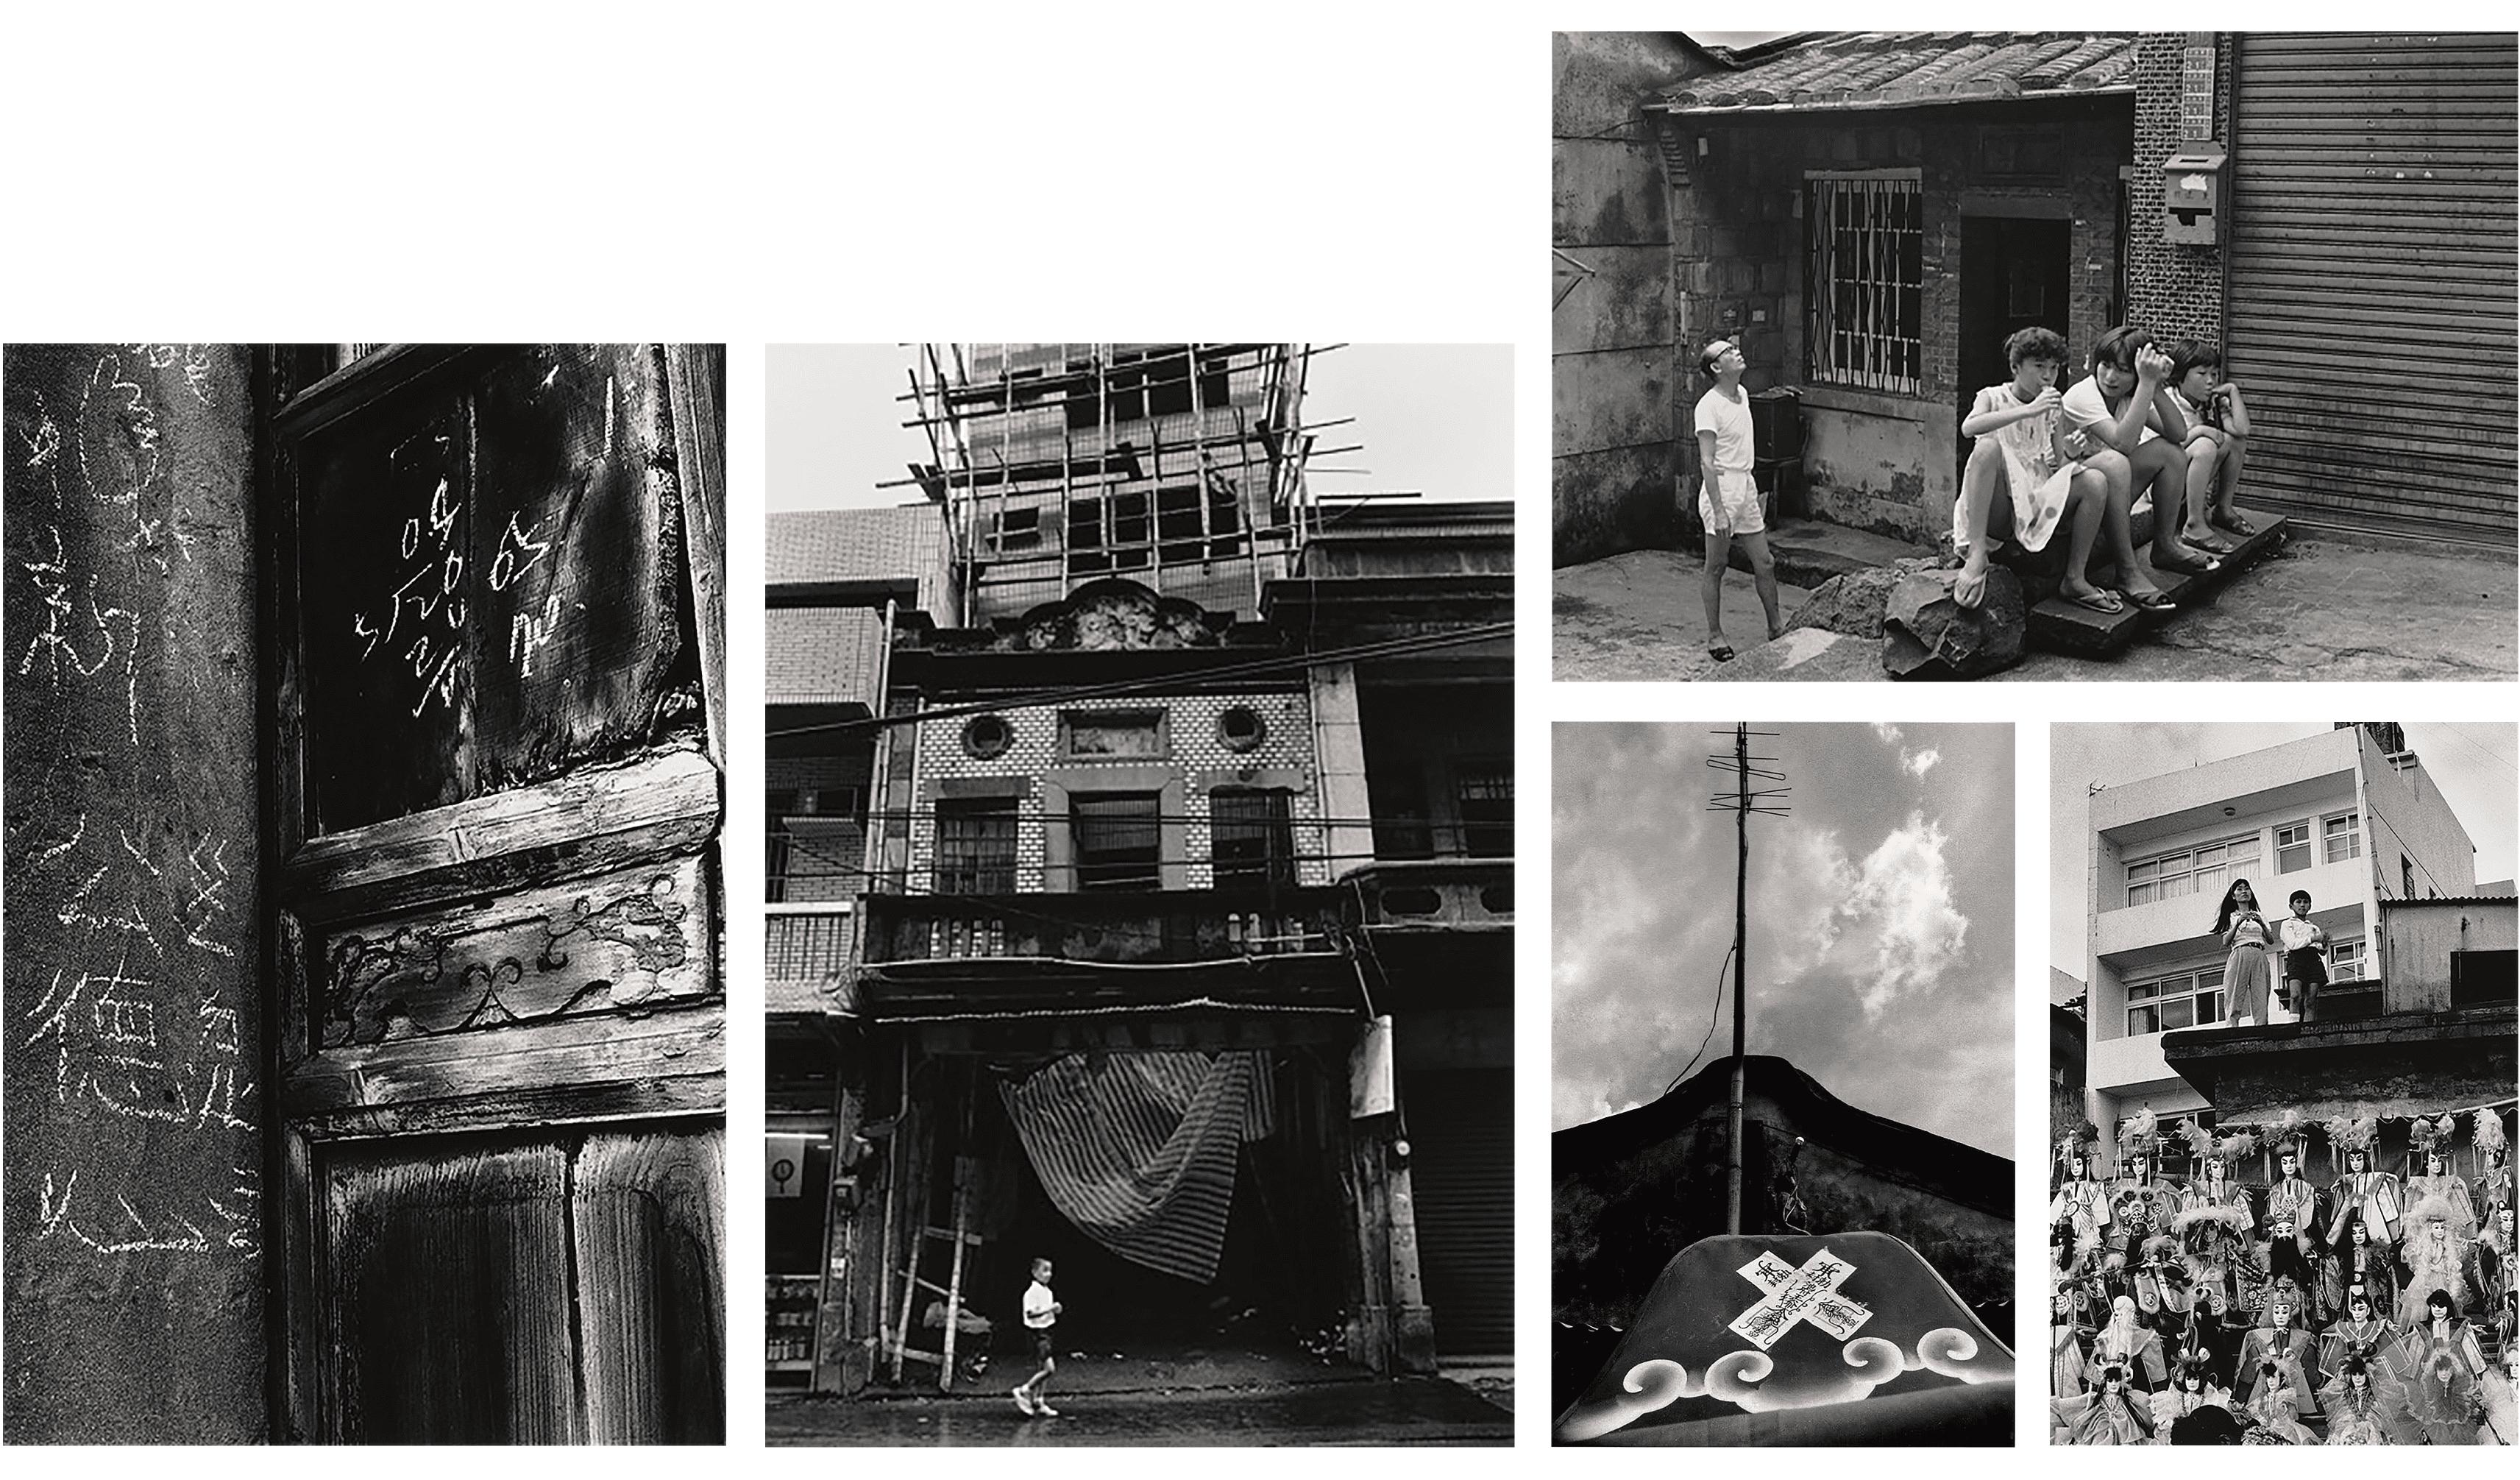 上排:1985年重建街;下排(左至右):1981年重建街、1989年中正路、1983年三民街、1990年渡船頭環河道路